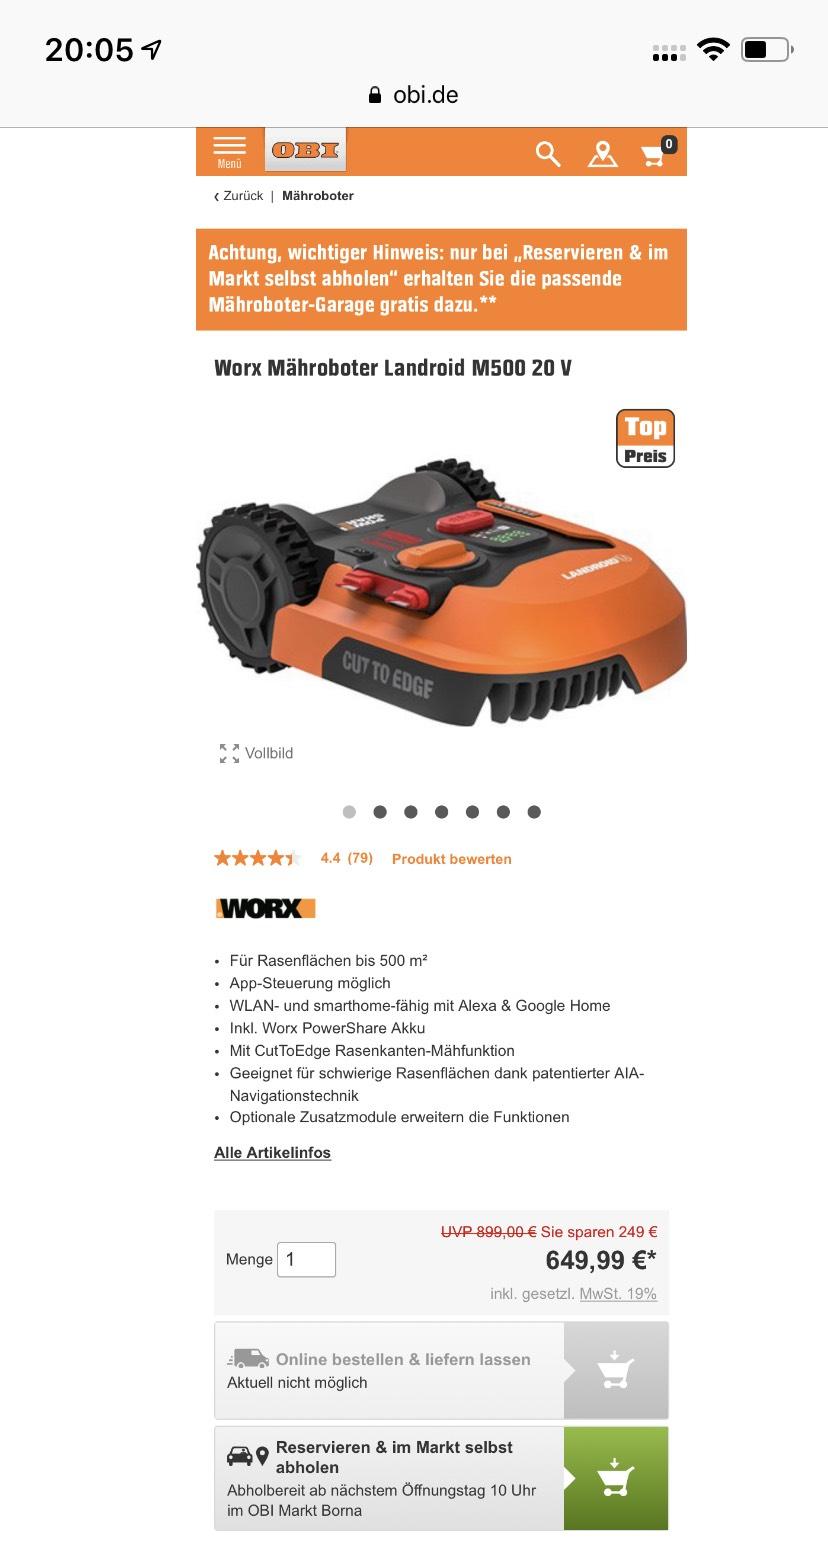 WORX M500 (inkl. Garage 149€)  - Aktion bei Obi